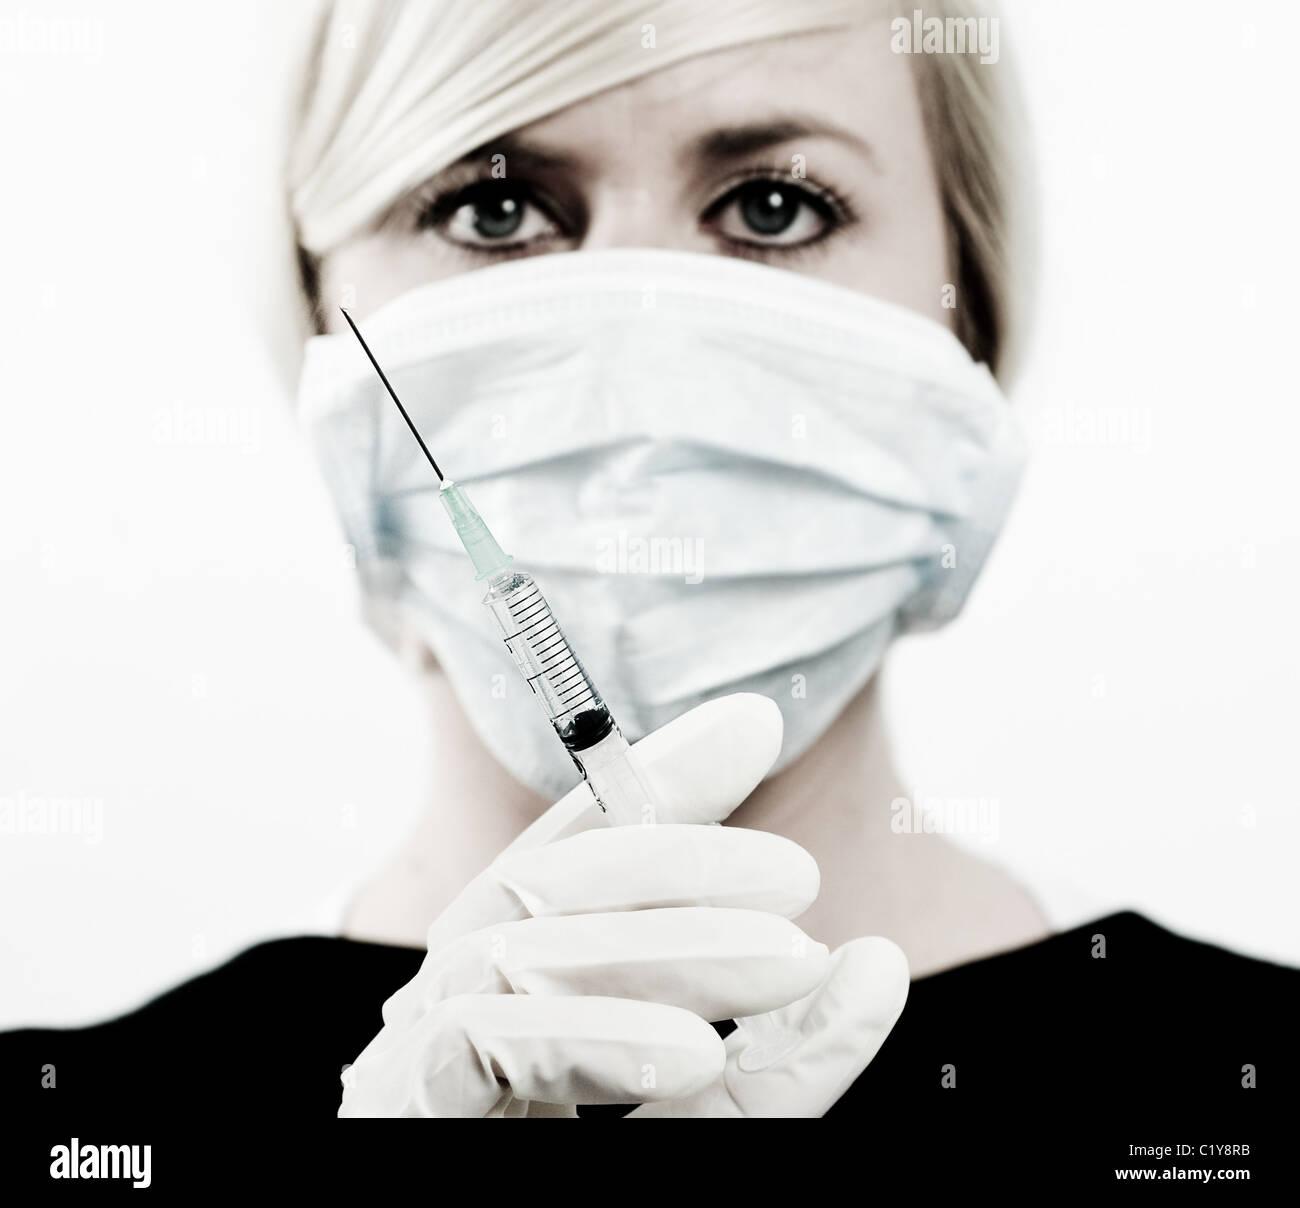 nurse holding syringe - Stock Image